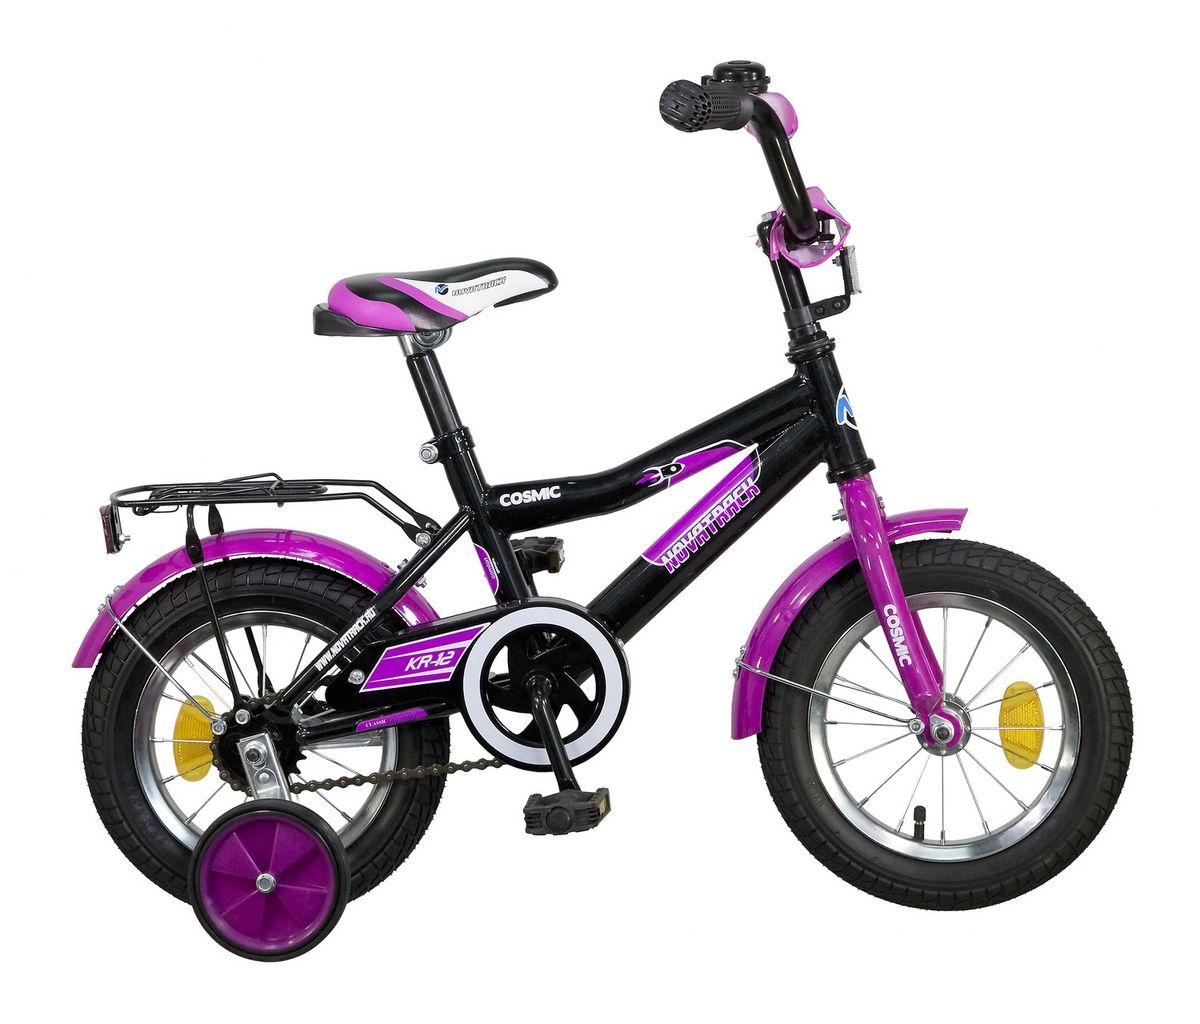 Велосипед детский Novatrack Cosmic 12, цвет: черный123COSMIC.BK5Велосипед Novatrack Cosmic 12'' – это абсолютно необходимая вещь для детей 2-4 лет. В этом возрасте у ребят очень большой уровень энергии, которую необходимо выплескивать с пользой для организма, да и кто же по доброй воле откажется от велосипеда, тем более такого, как Cosmic! Велосипед полностью укомплектован и обязательно понравится маленькому велосипедисту. Рама у велосипеда – стальная и очень прочная. Сиденье и руль регулируются по высоте и надежно фиксируются. Ножной задний тормоз не подведет ни на спуске, ни при экстренном торможении. В целях безопасности велосипед оснащен ограничителем руля, который убережет велосипед от опрокидывания при резком повороте. Дополнительную устойчивость железному «коню» обеспечивают два маленьких съемных колеса в цвет велосипеда. Не останутся незамеченными накладка на руль, яркие отражатели-катафоты, стильный звонок, защитный кожух для цепи, хромированный багажник, а также крылья, которые защитят от грязи и брызг.